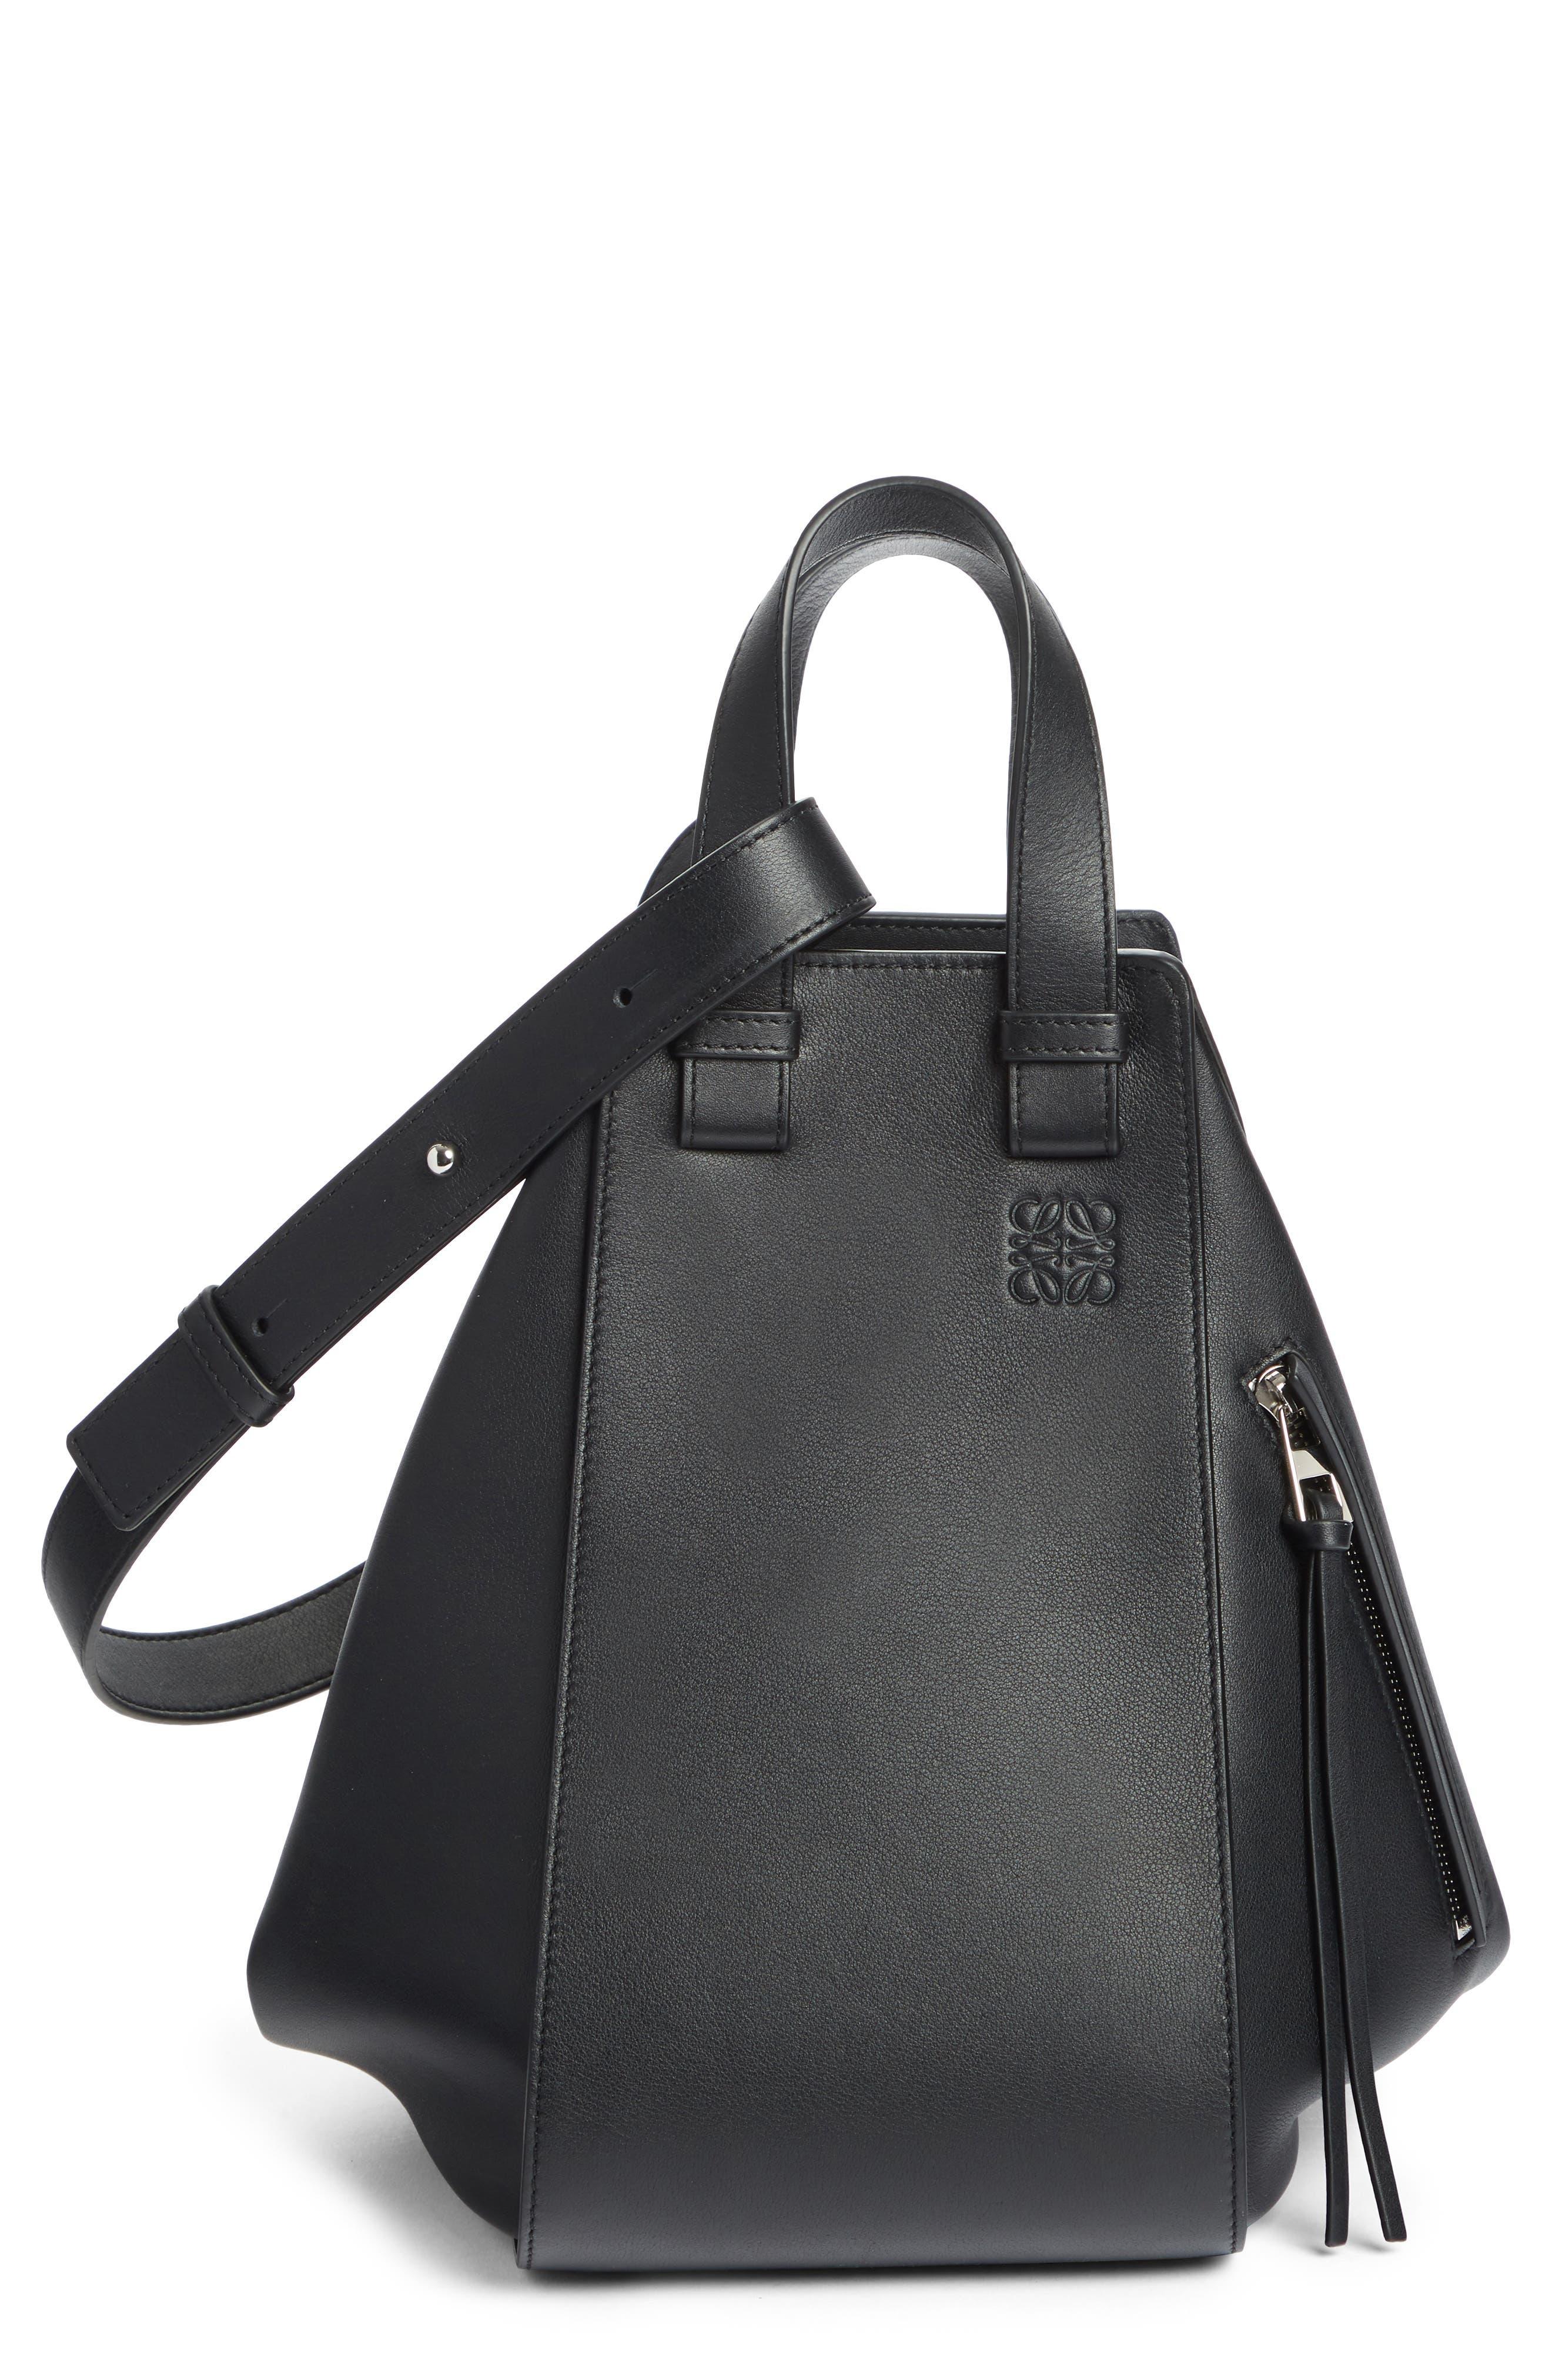 Medium Hammock Calfskin Leather Shoulder Bag,                         Main,                         color, BLACK